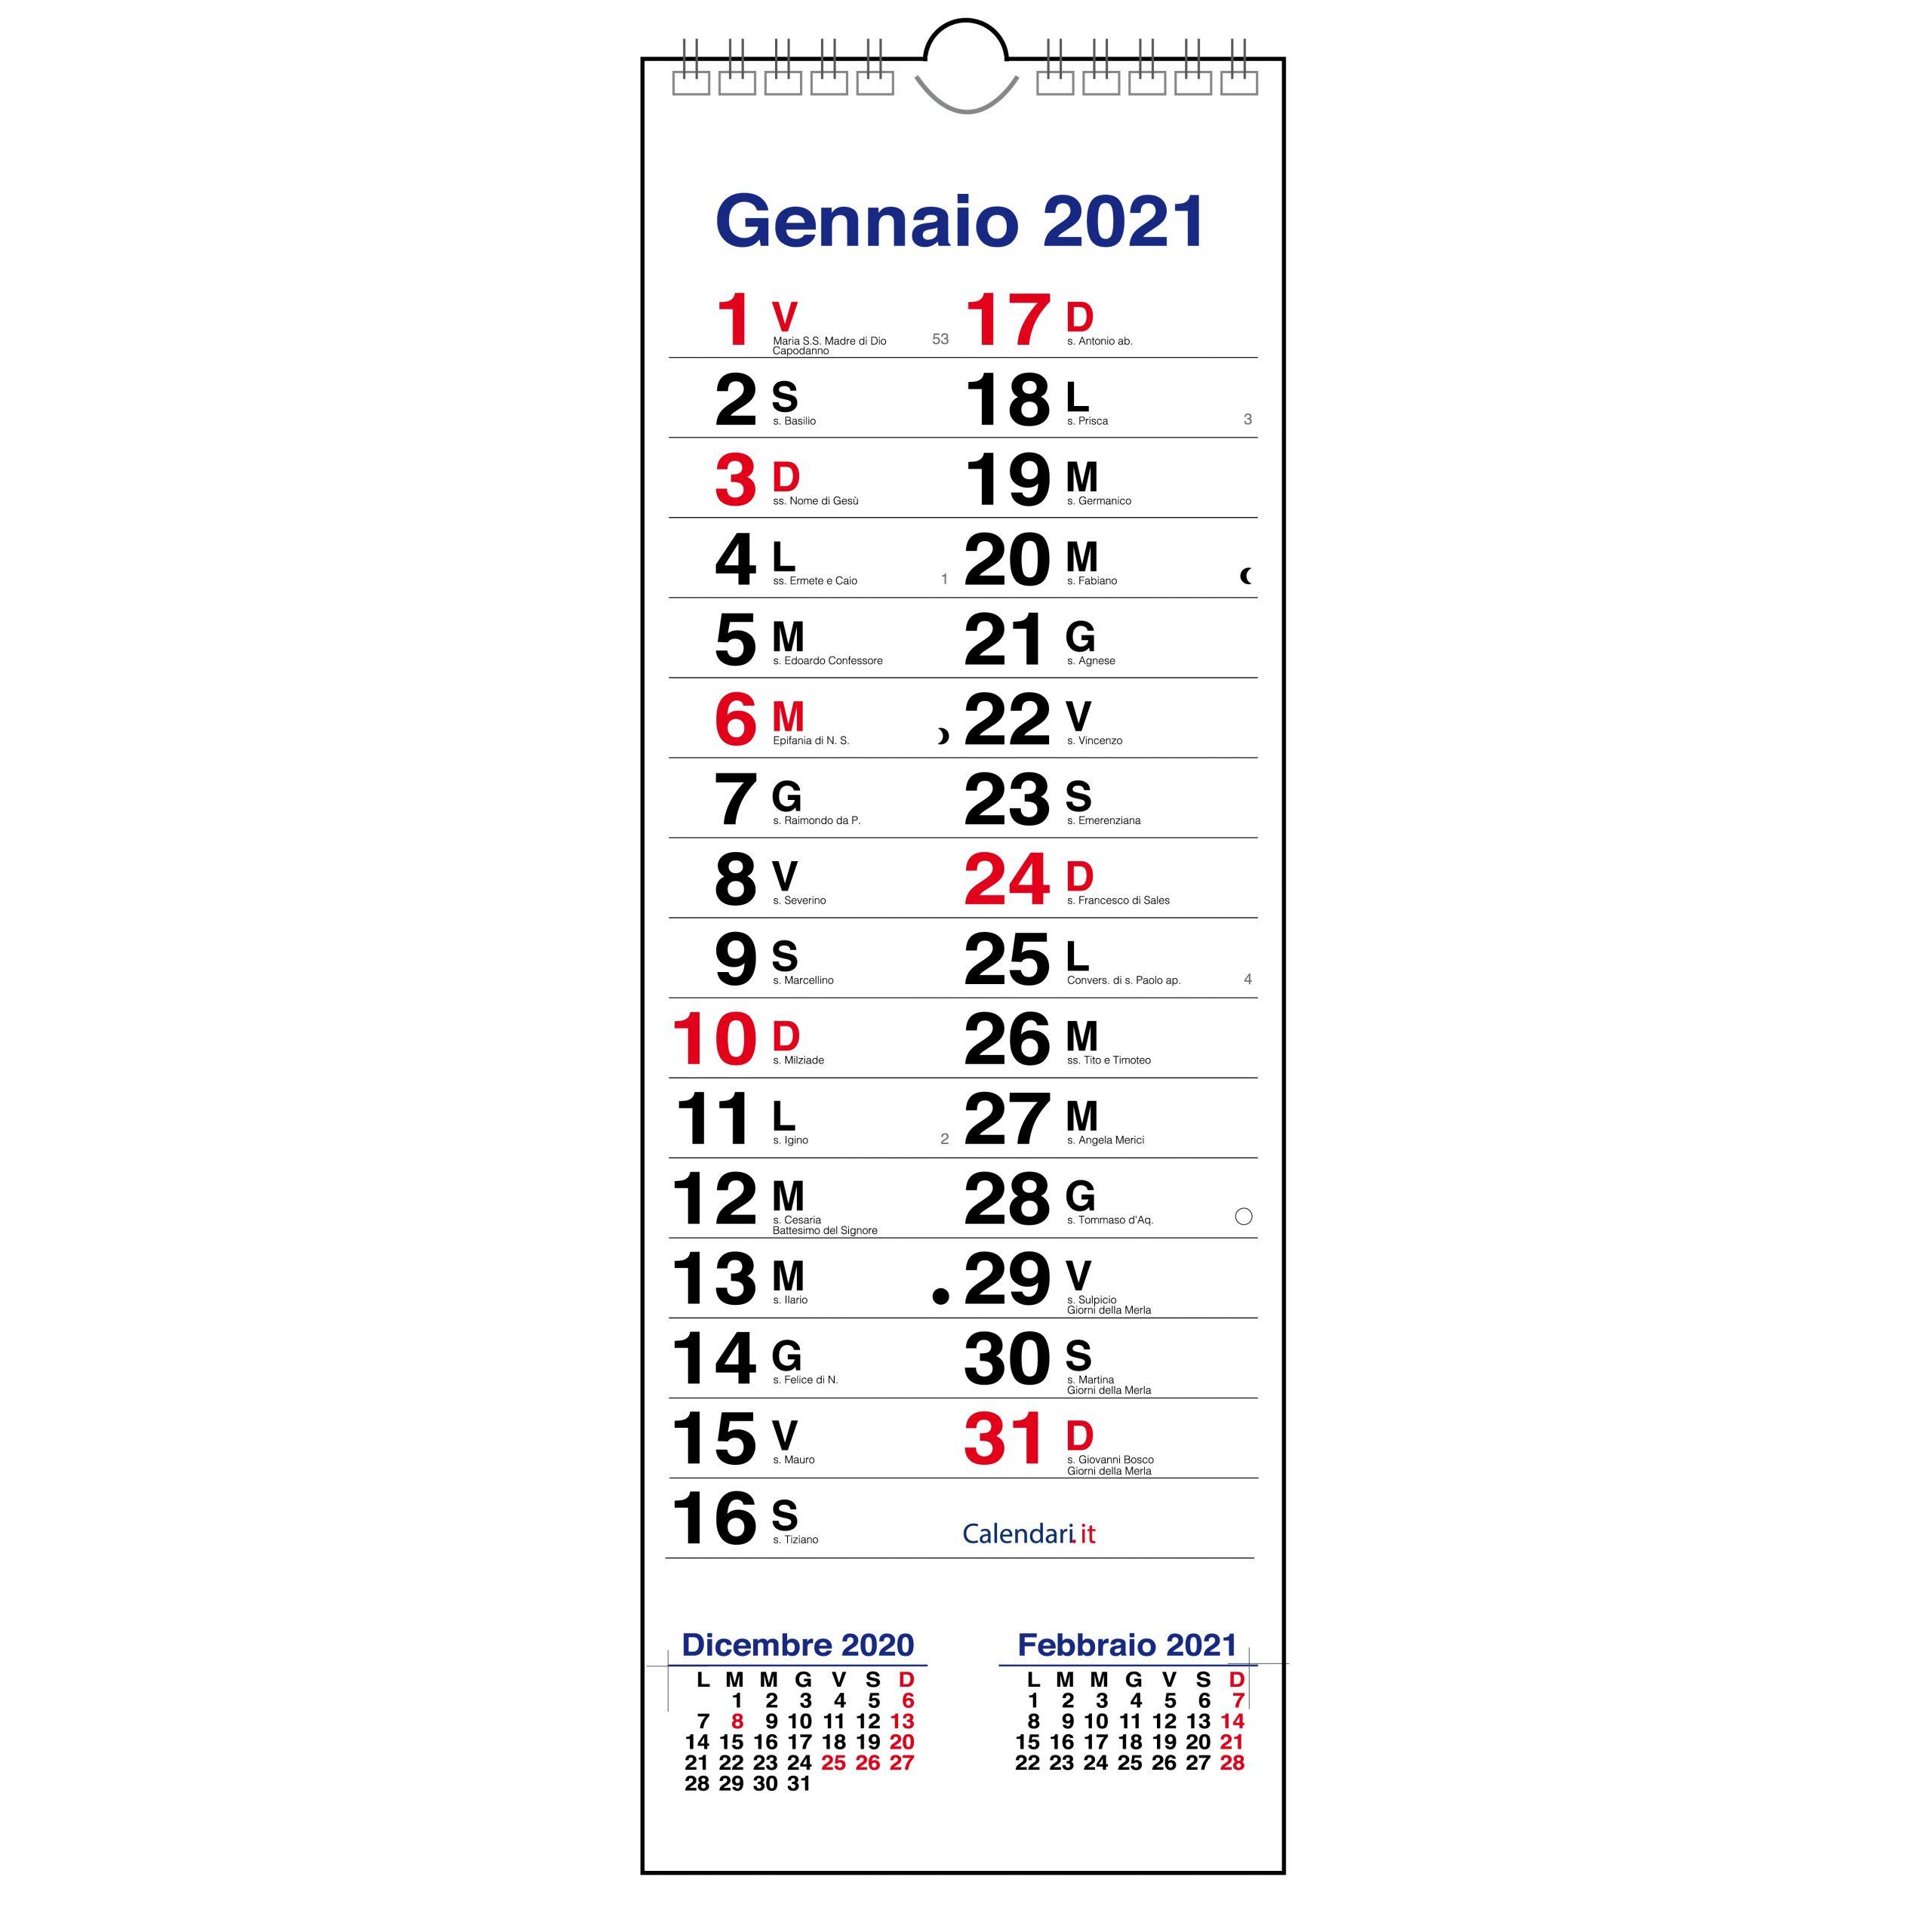 Calendario 2021 olandese da muro stretto sottile righe per appunti